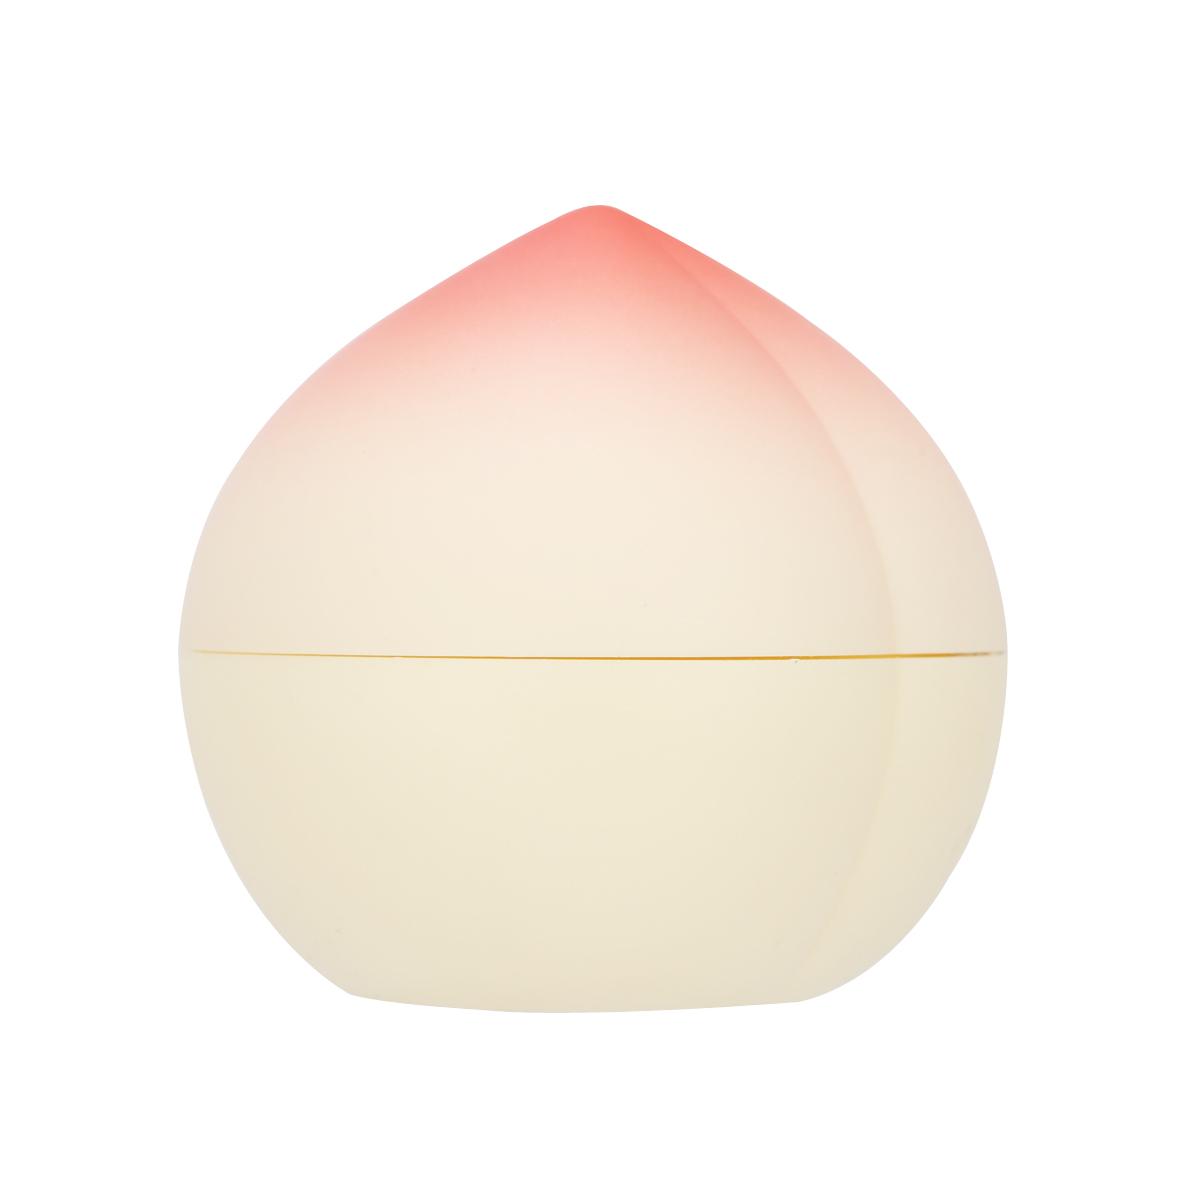 TonyMoly Крем для рук с персиком Peach Anti-Aging Hand Cream, 30 грBD03012200Интенсивный питательный крем для рук, который наполнит Ваш день ароматом свежего персика. Персиковый экстракт богат Ликопином (по свойствам, Ликопин в 100 раз более эффективен, чем витамин Е), а экстракт абрикоса питает и увлажняет чувствительную и сухую кожу рук. Также содержит Аденозин, вещество, которое активно борется с признаками старения и омолаживает кожу.